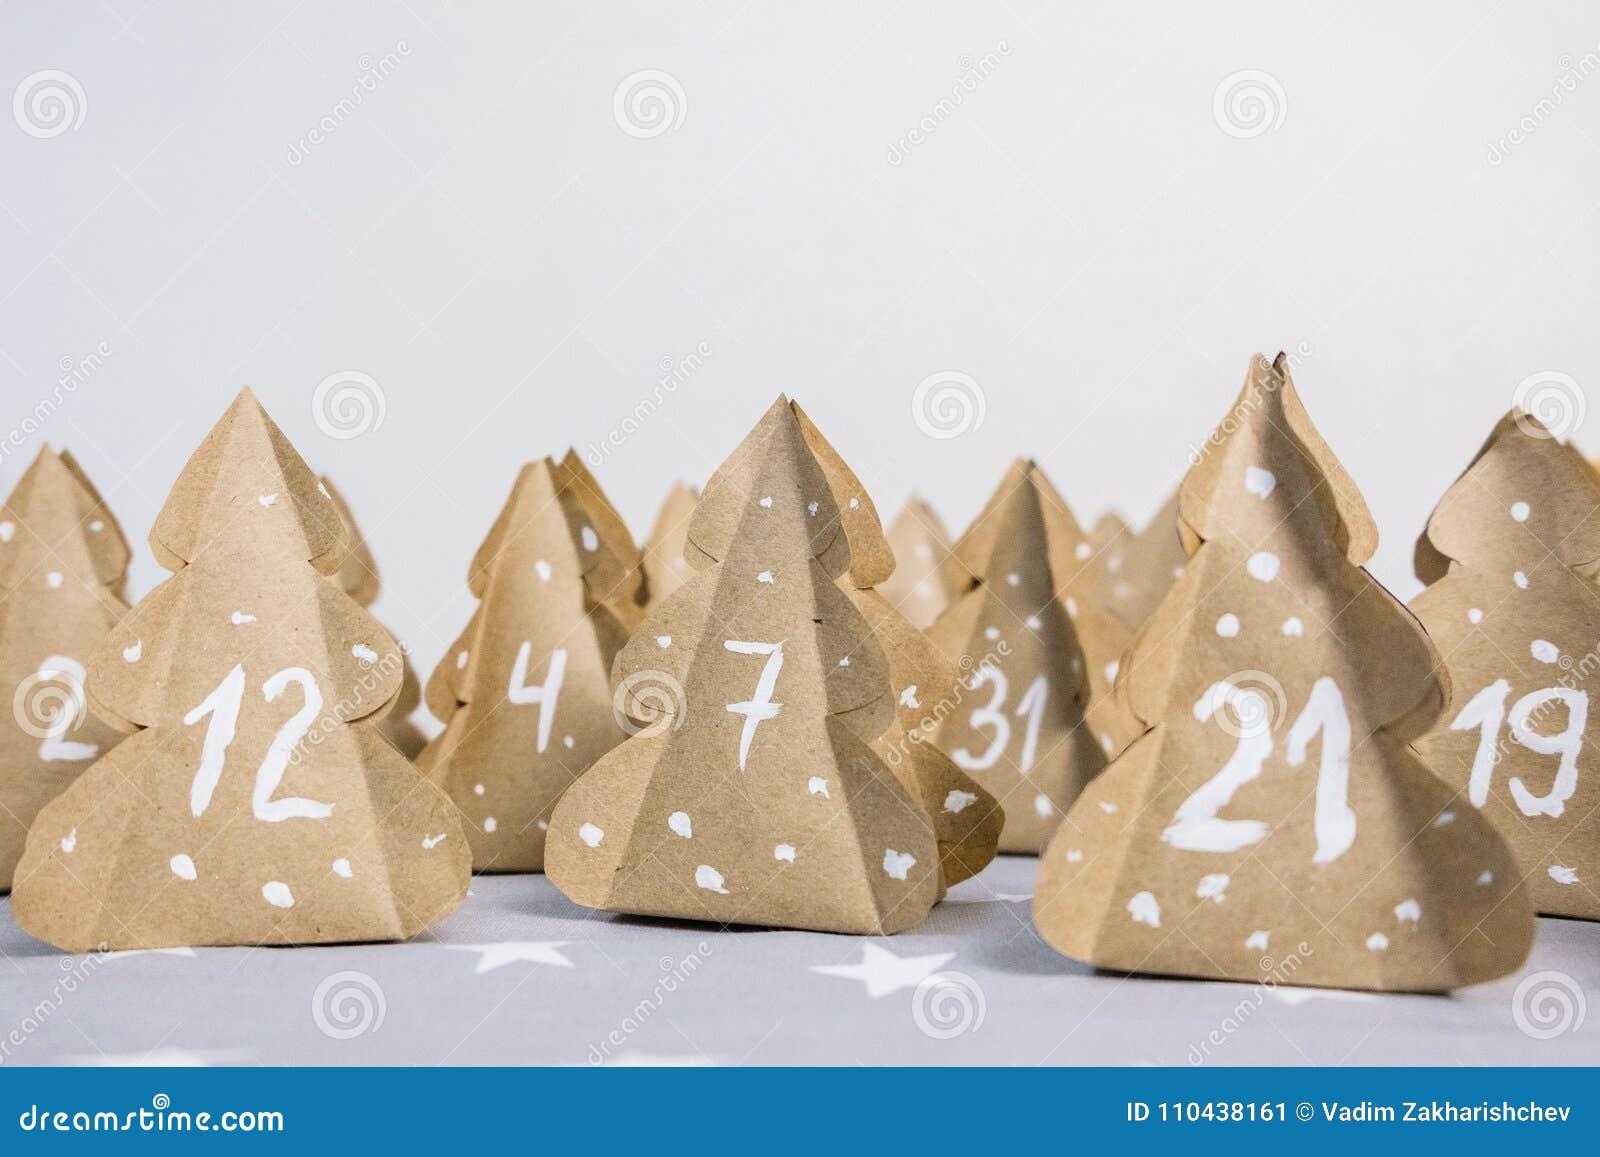 与数字的手工制造圣诞节出现日历圣诞树牛皮纸